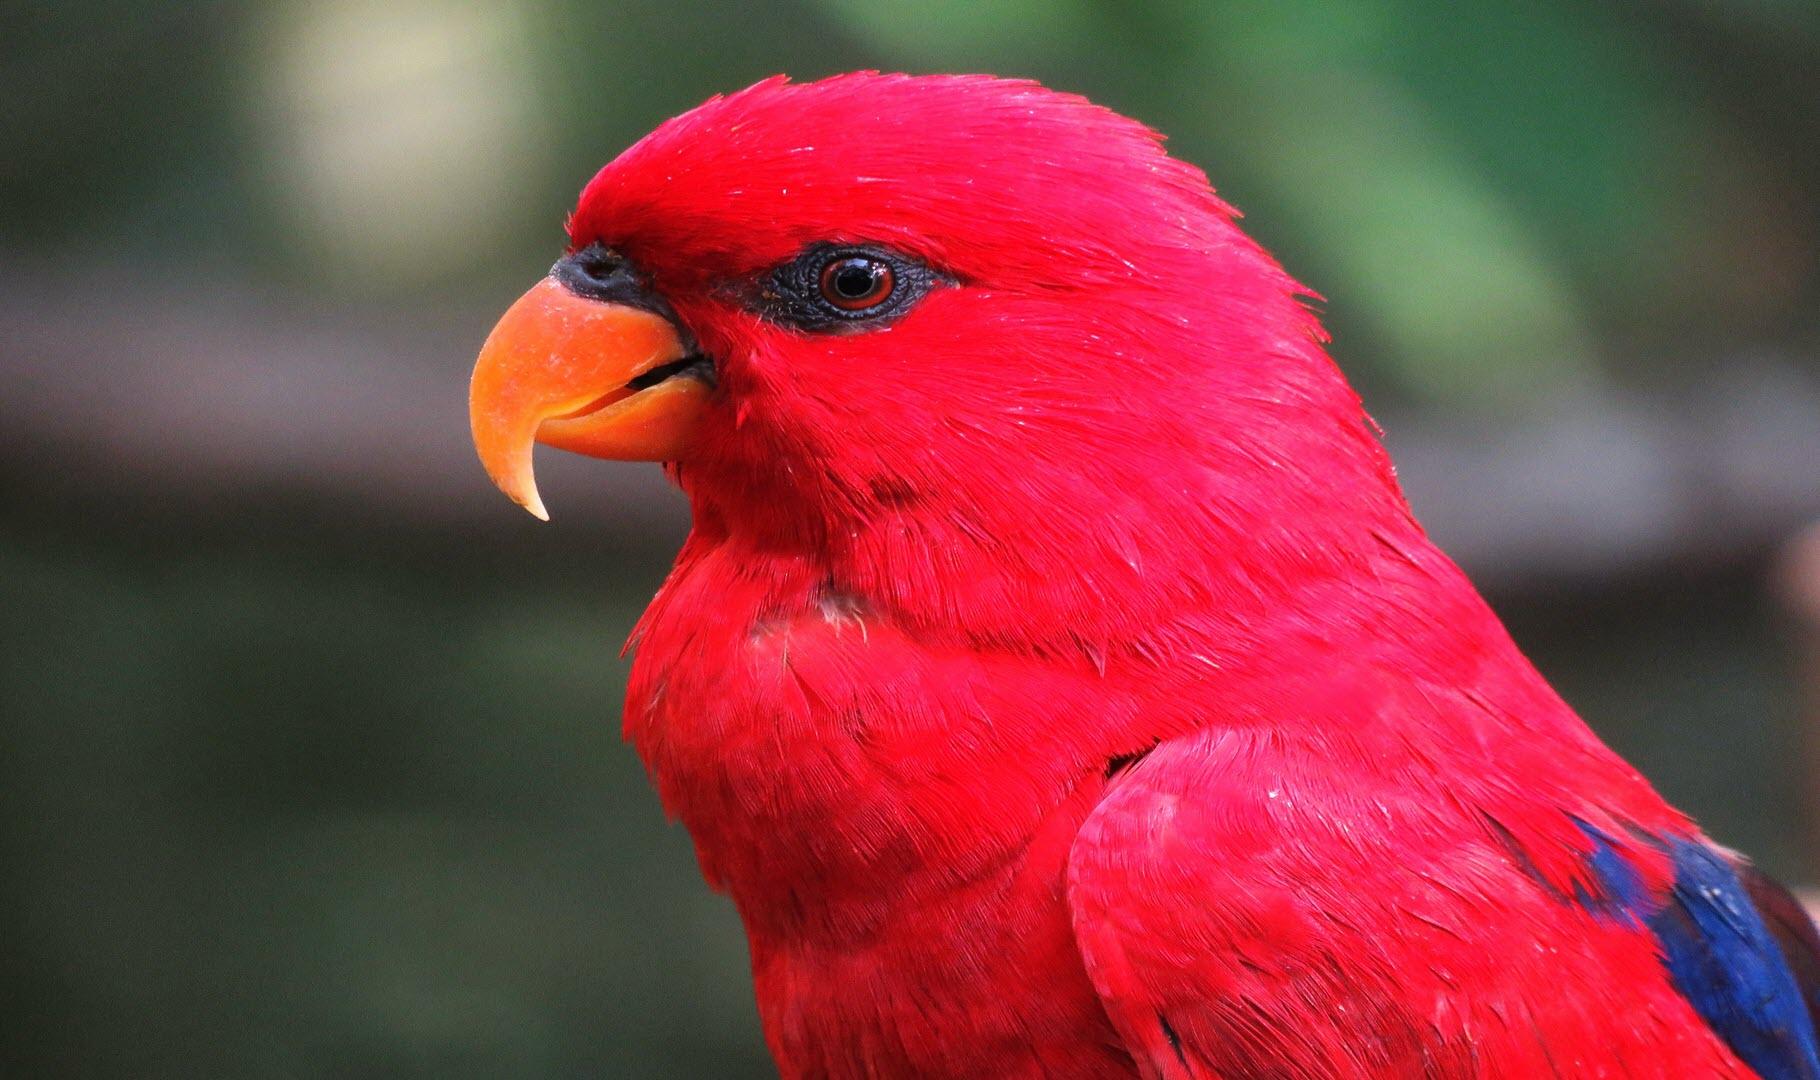 Ảnh nền màu đỏ đơn giản cực chất